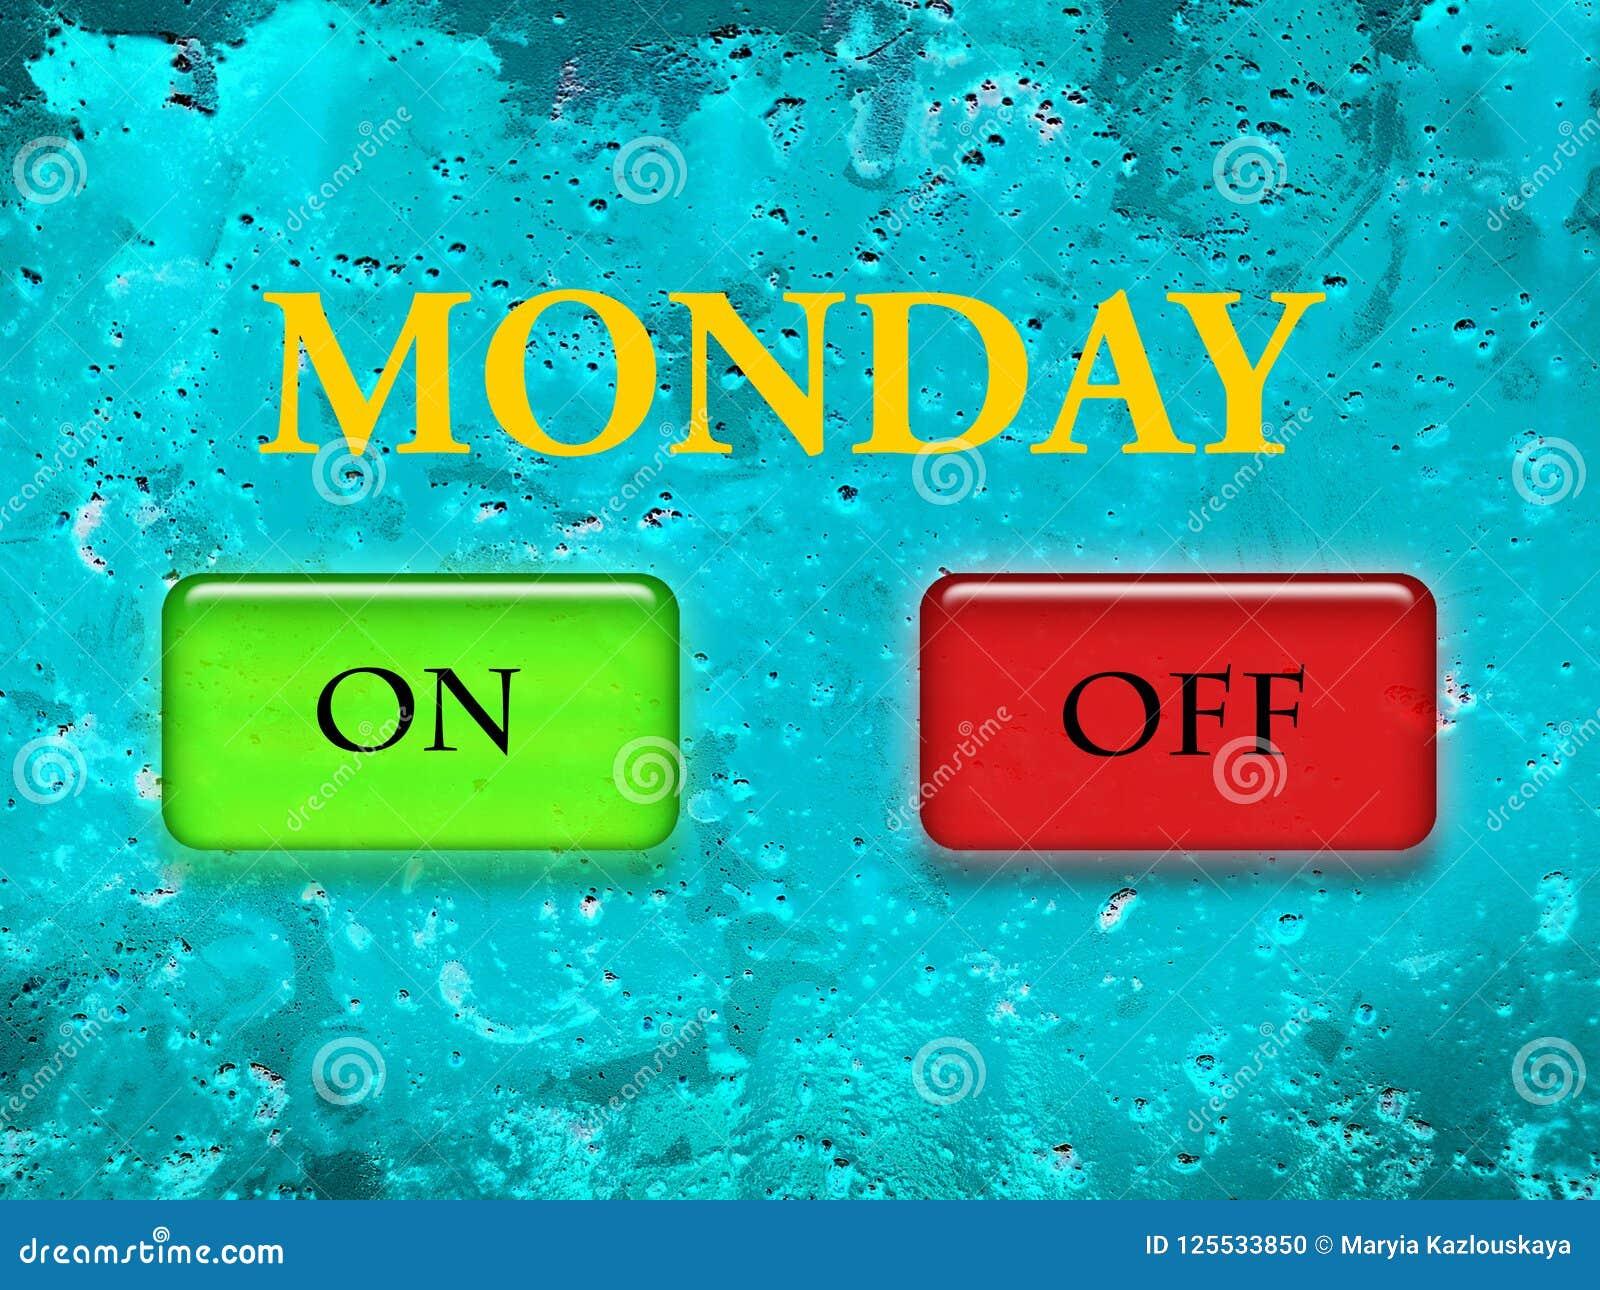 La parola lunedì è stampata nelle lettere gialle su un fondo strutturale del turchese come pure in un verde sul bottone ed in un